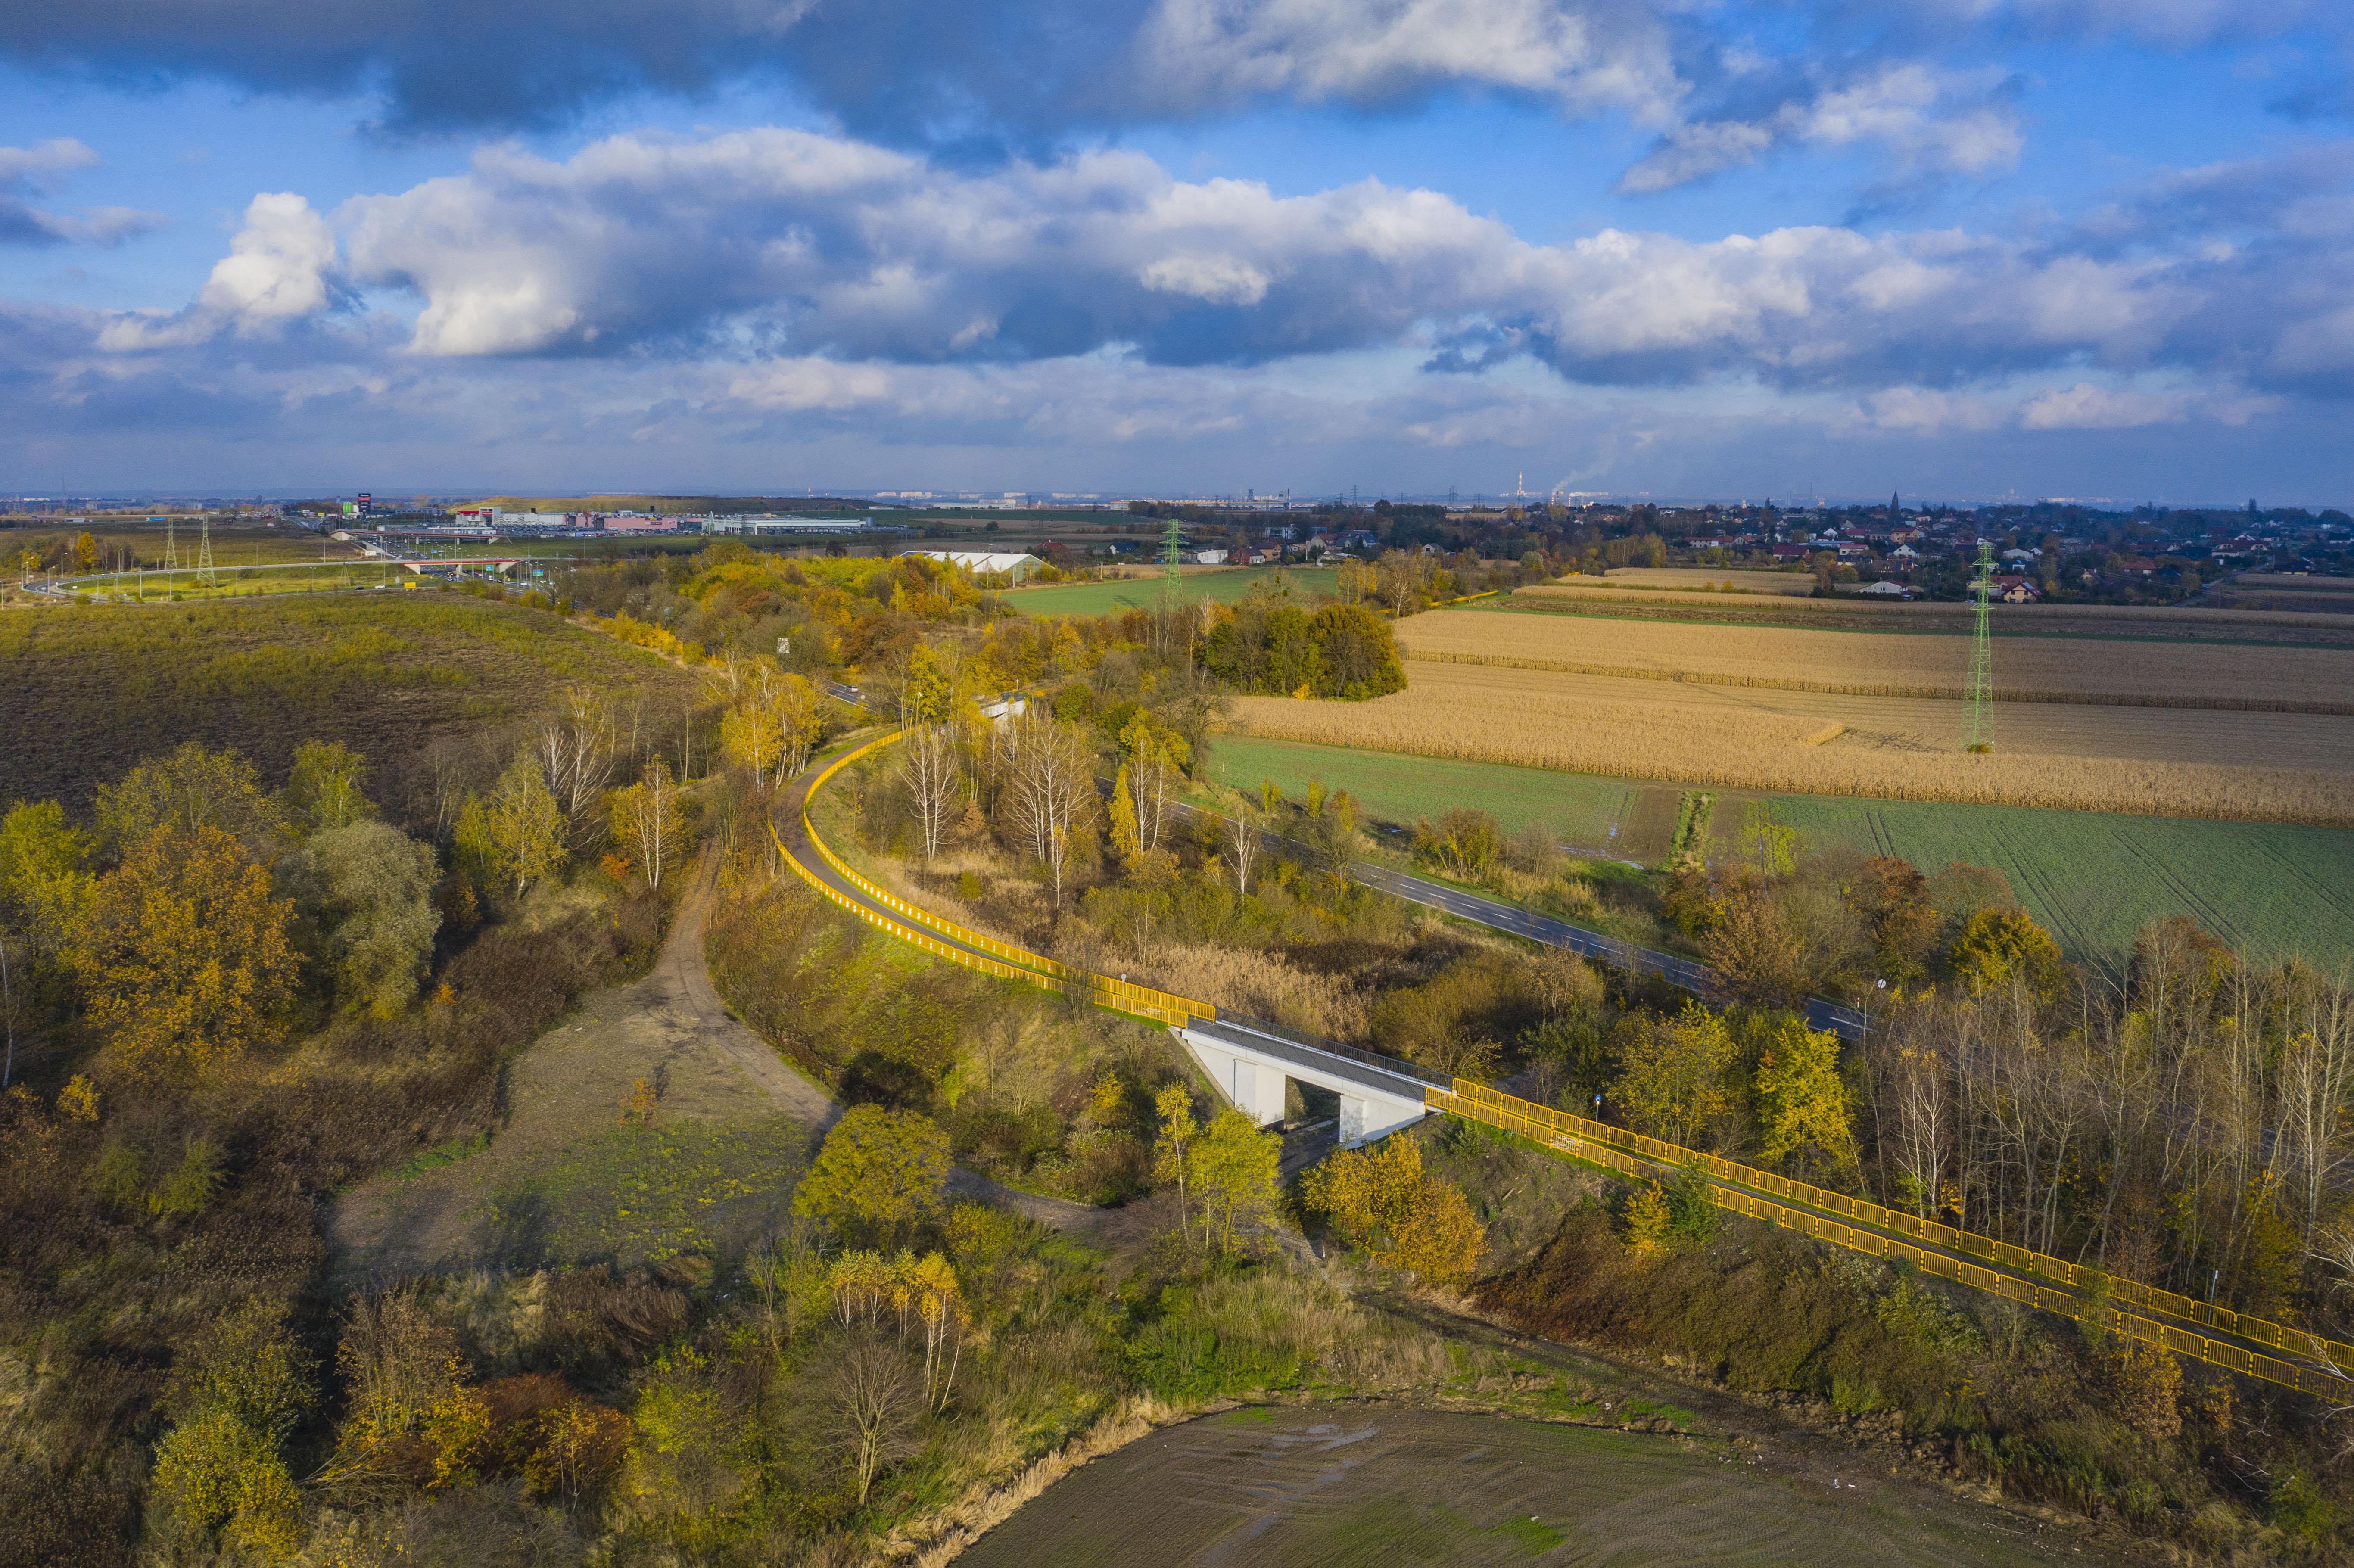 Ścieżka rowerowa z Glwiic do Nieborowic. Ujęcie z lotu ptaka